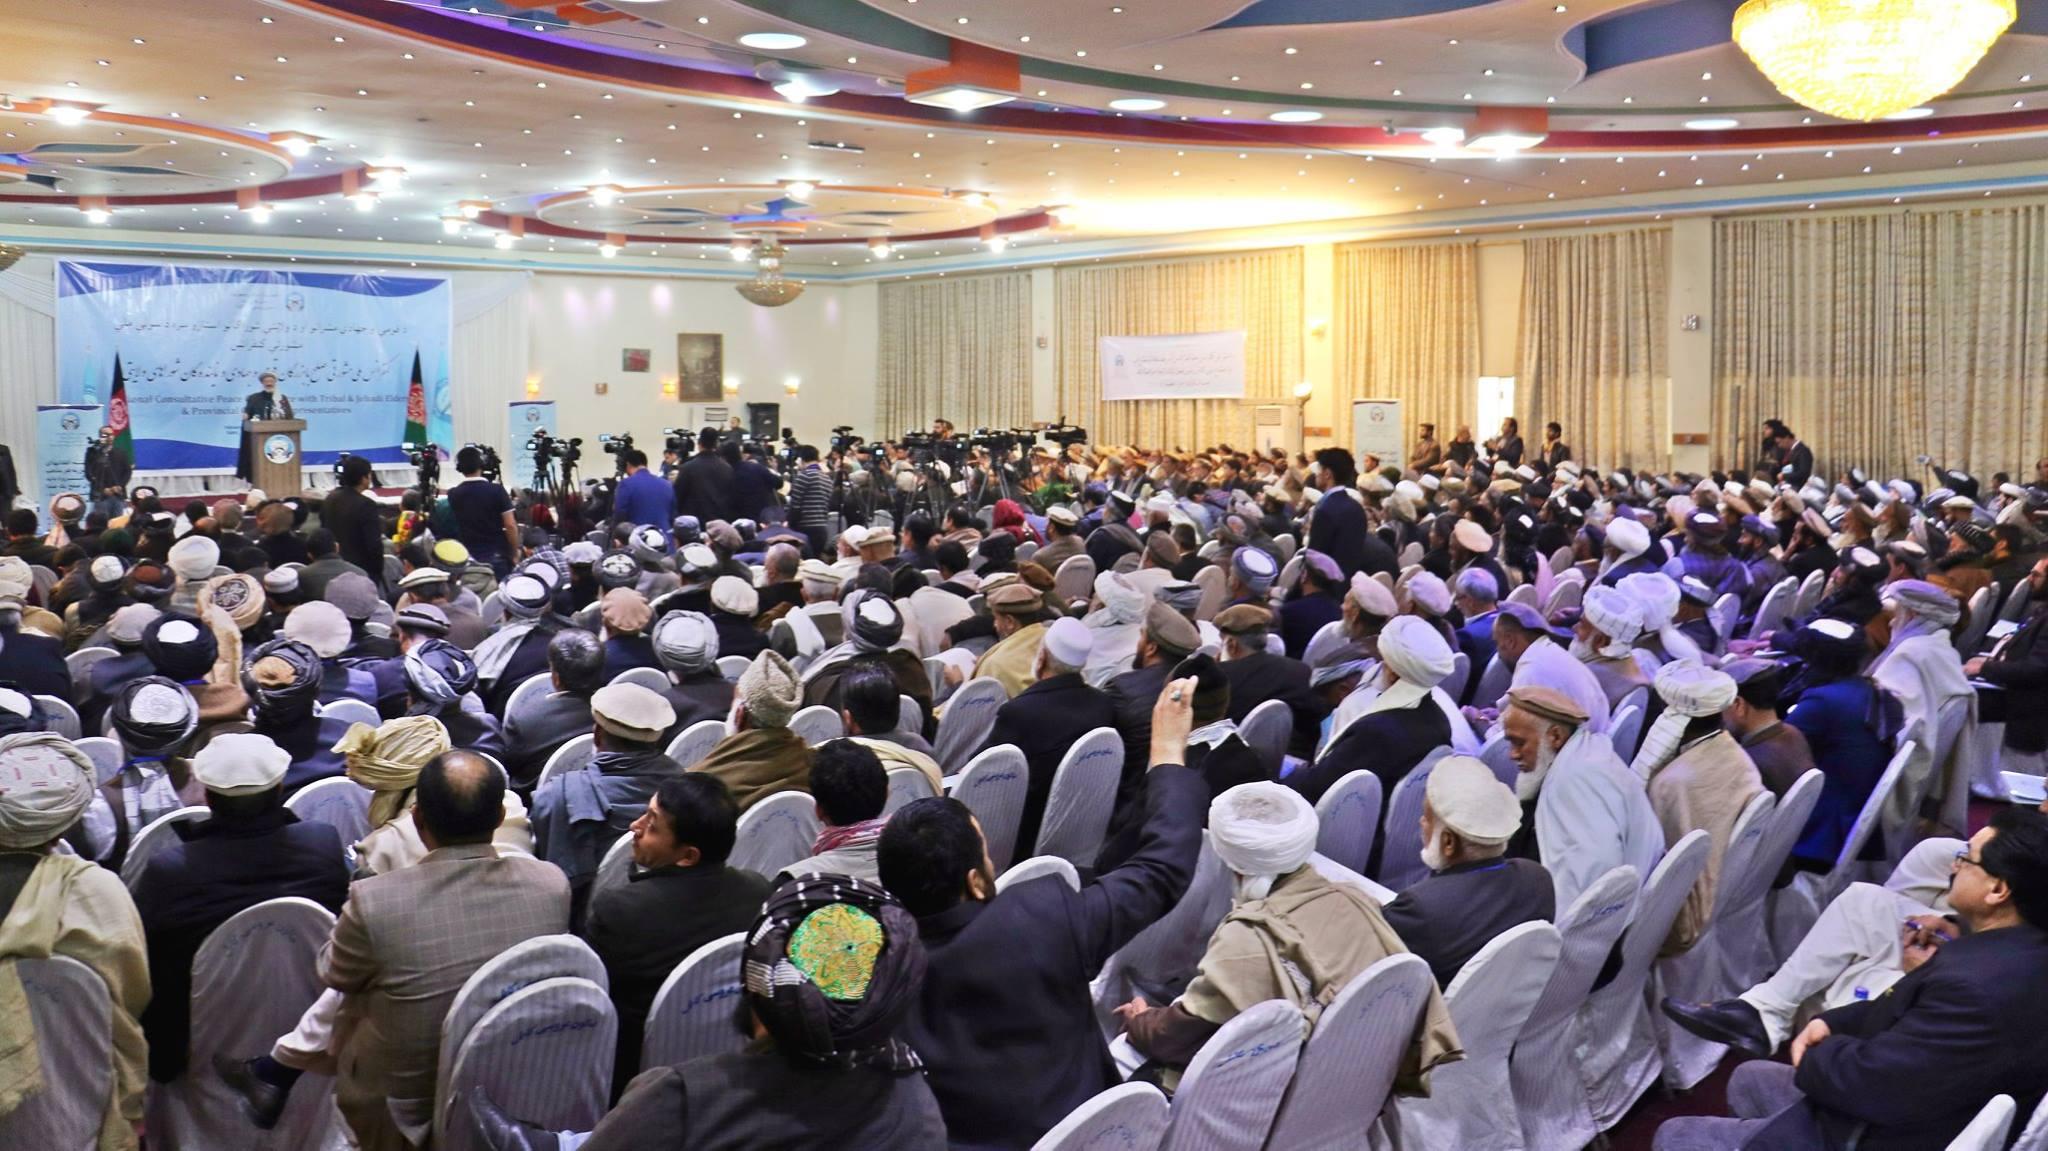 شورای عالی صلح جنگجویان را تشویق کرد تا به میز مذاکرات صلح بیایند